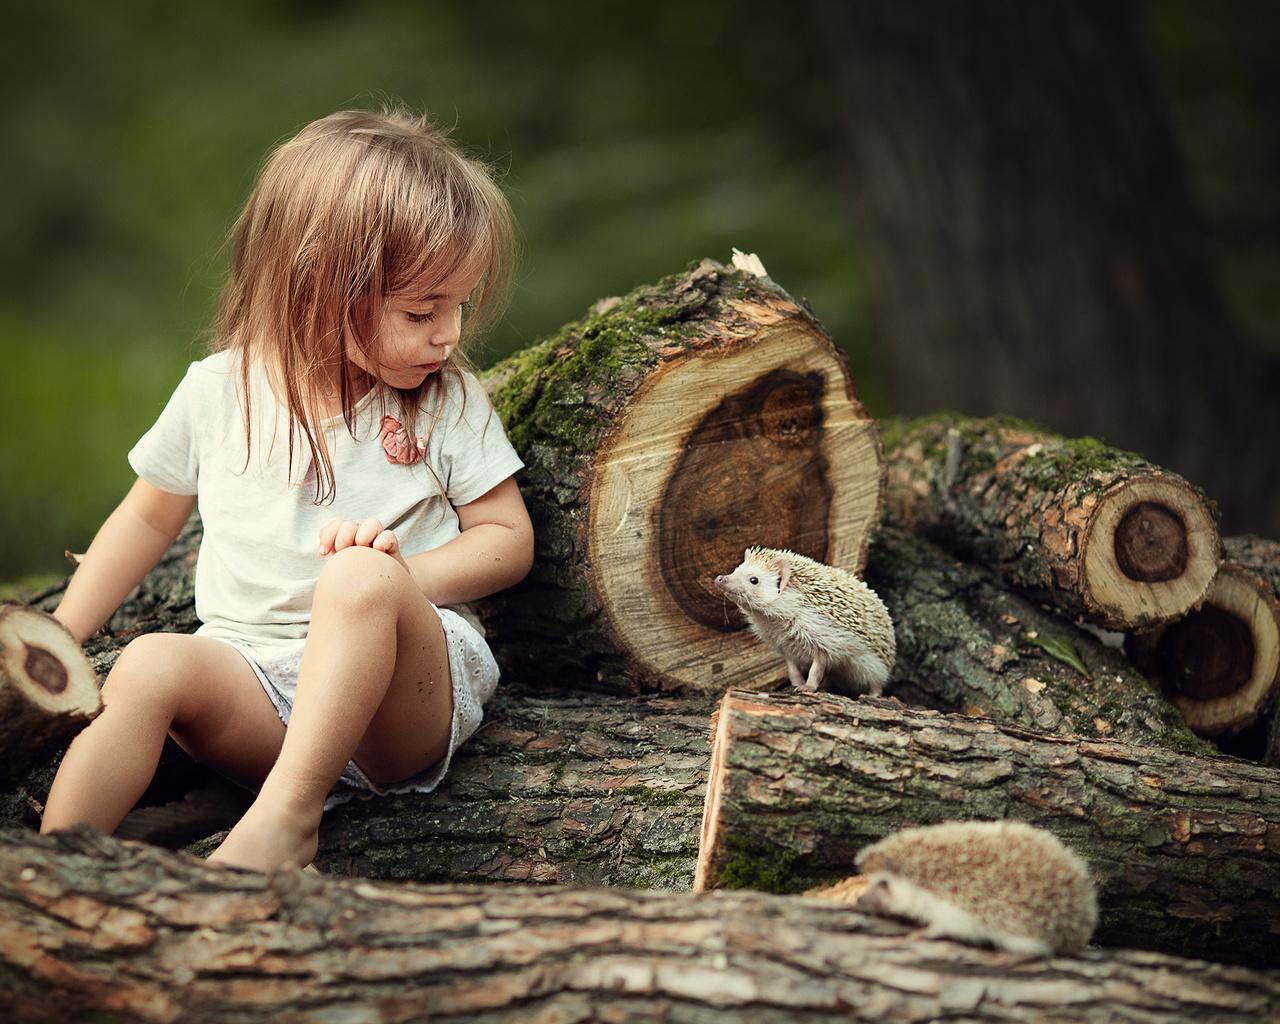 животные, природа, девочка, ребёнок, брёвна, ёжики, ежи, марианна смолина